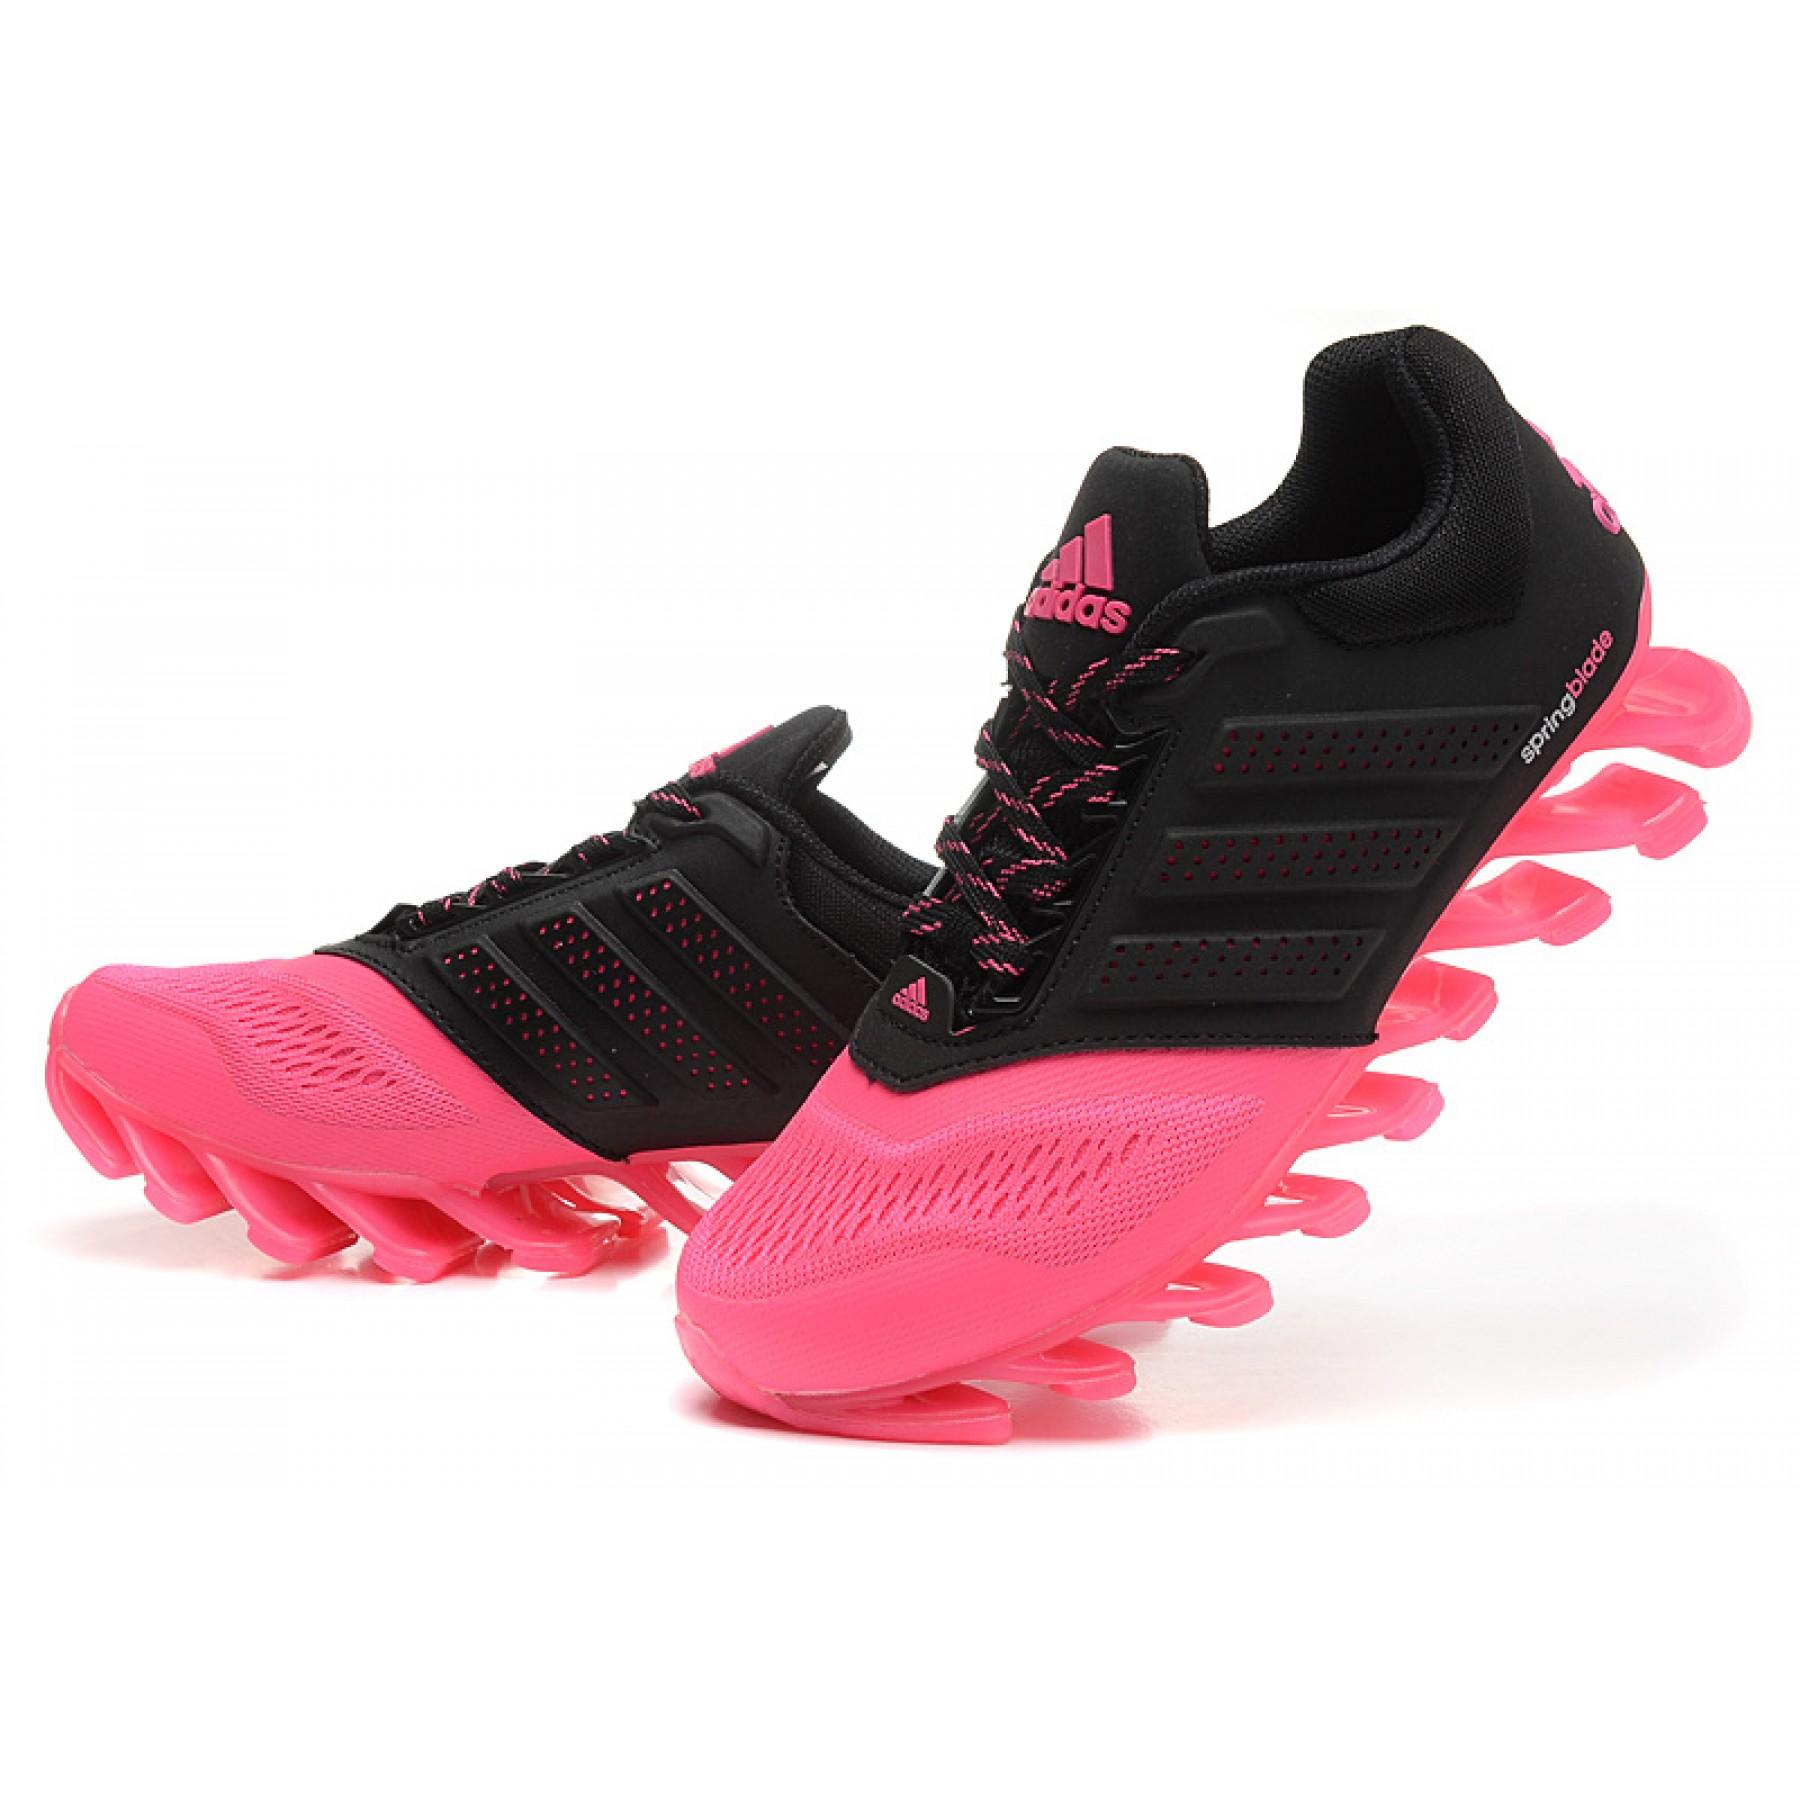 adidas springblade feminino preto com rosa